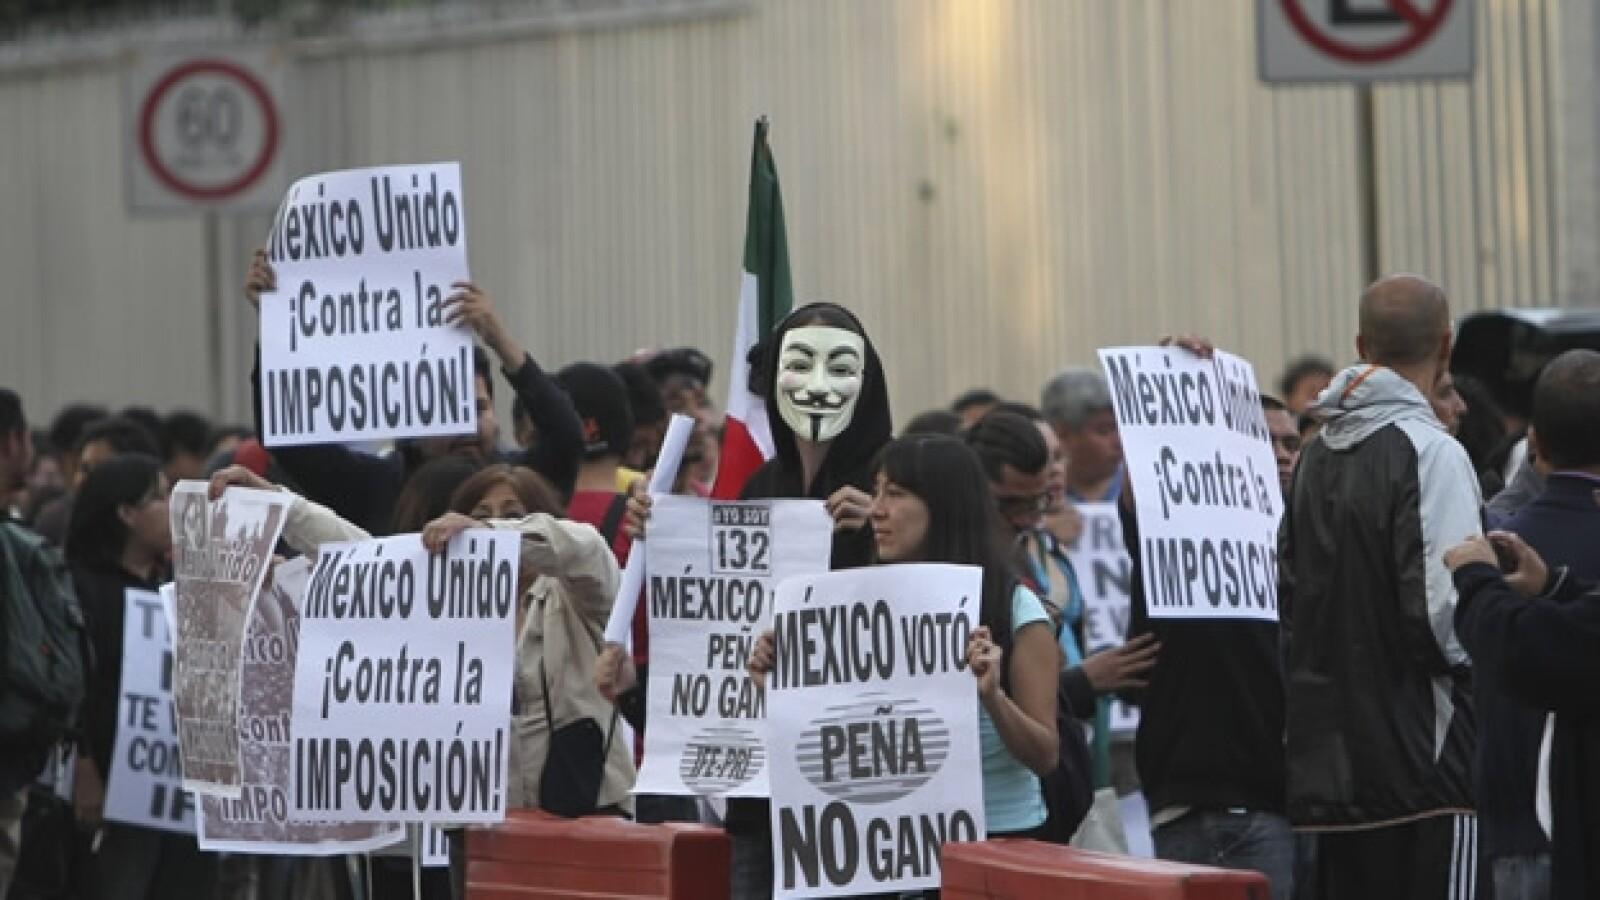 protesta artisitica yosoy132 tribunal electoral